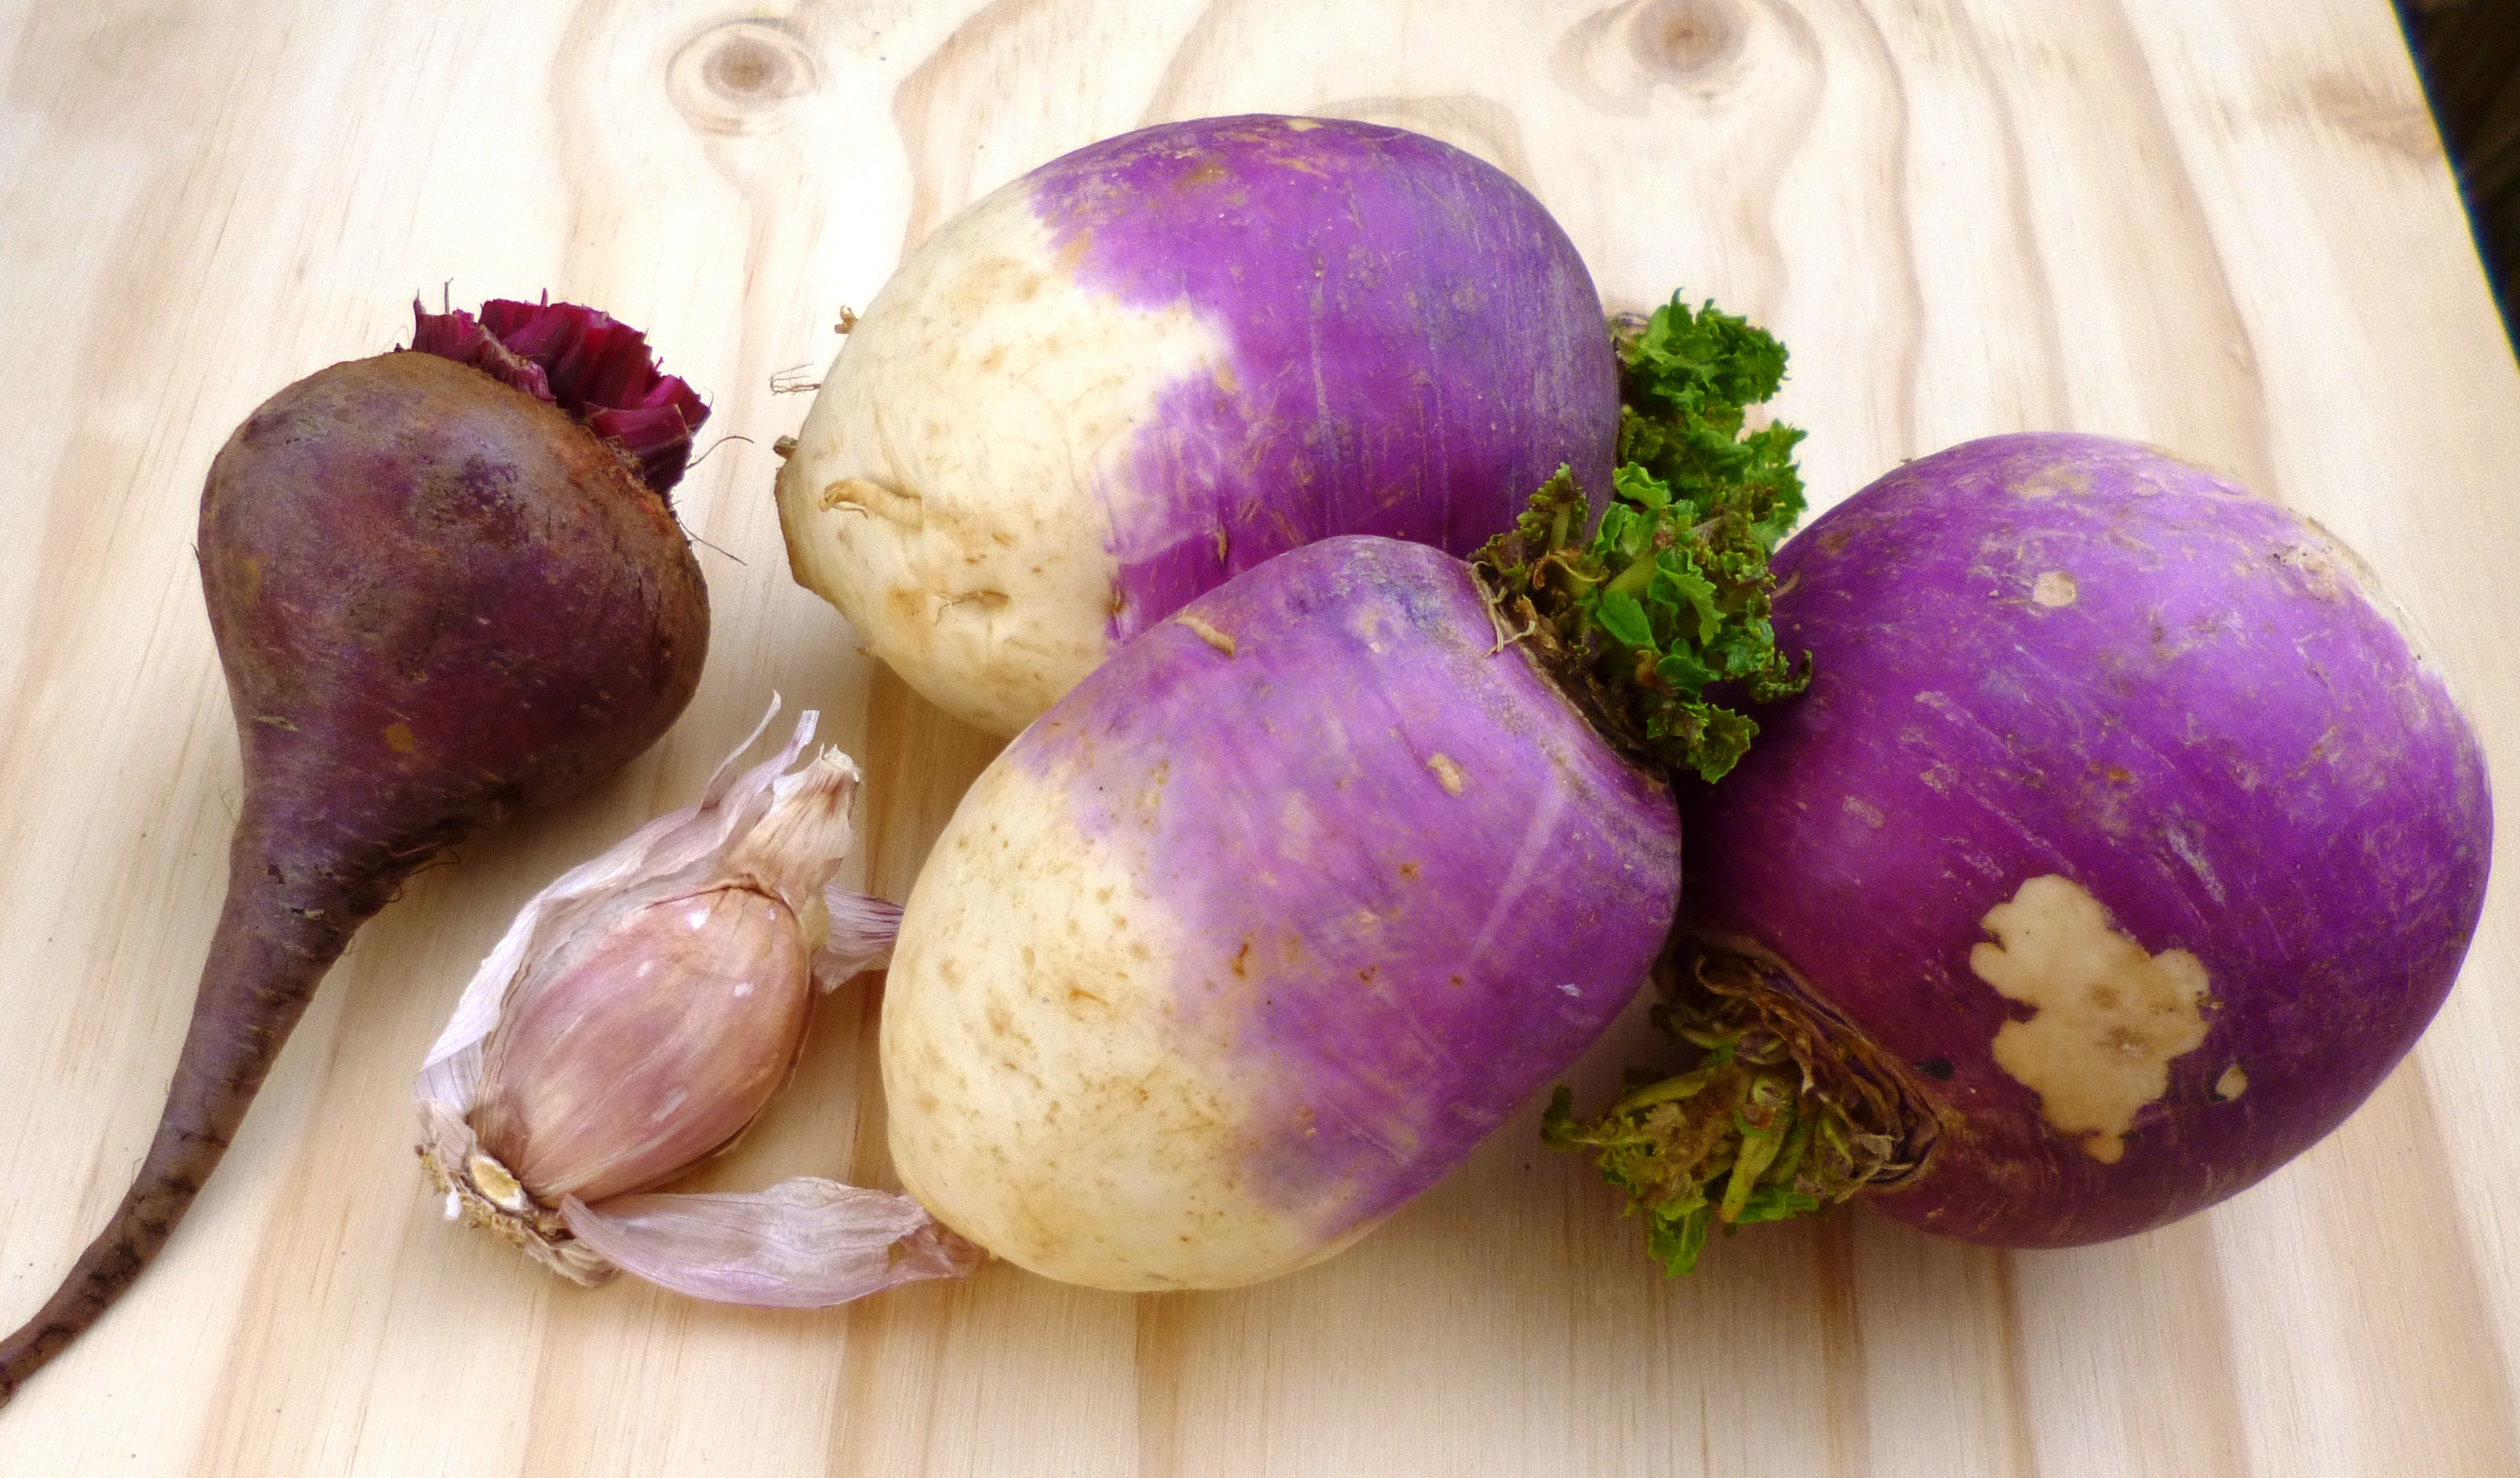 Турнепс – что это такое, полезные свойства и противопоказания, как вкусно приготовить и вырастить корнеплод